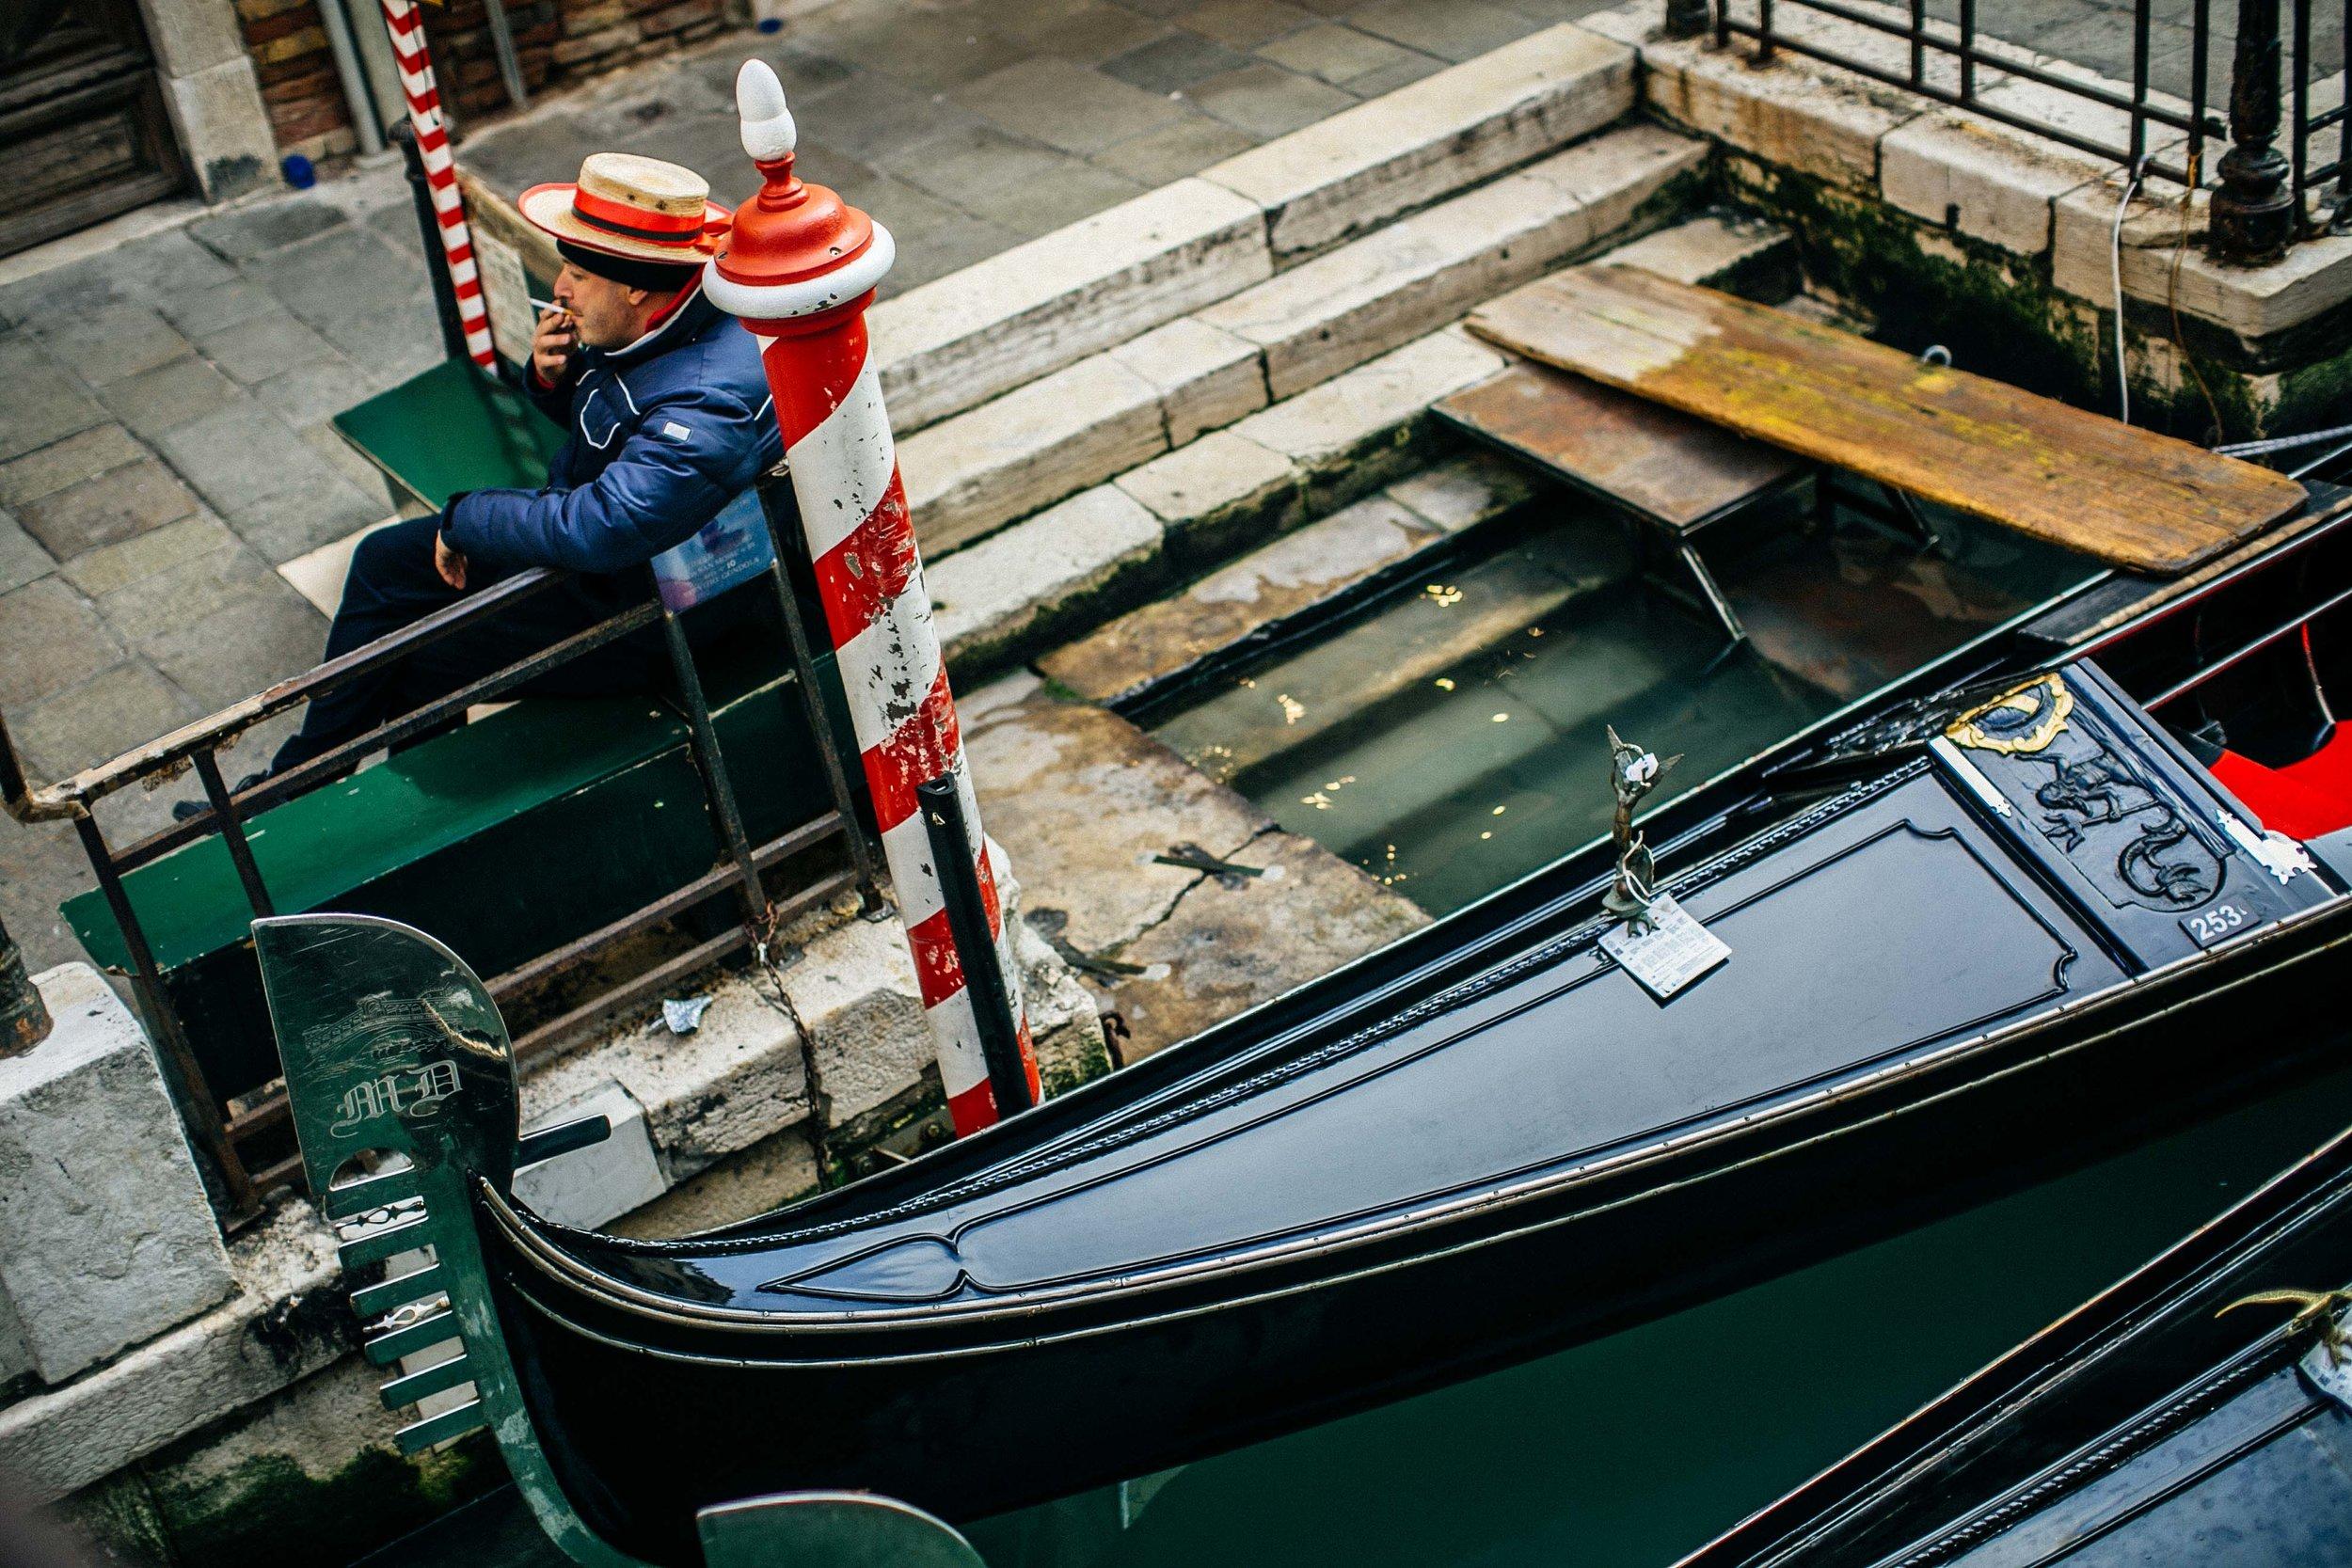 20161216_KU_Venice_057.JPG